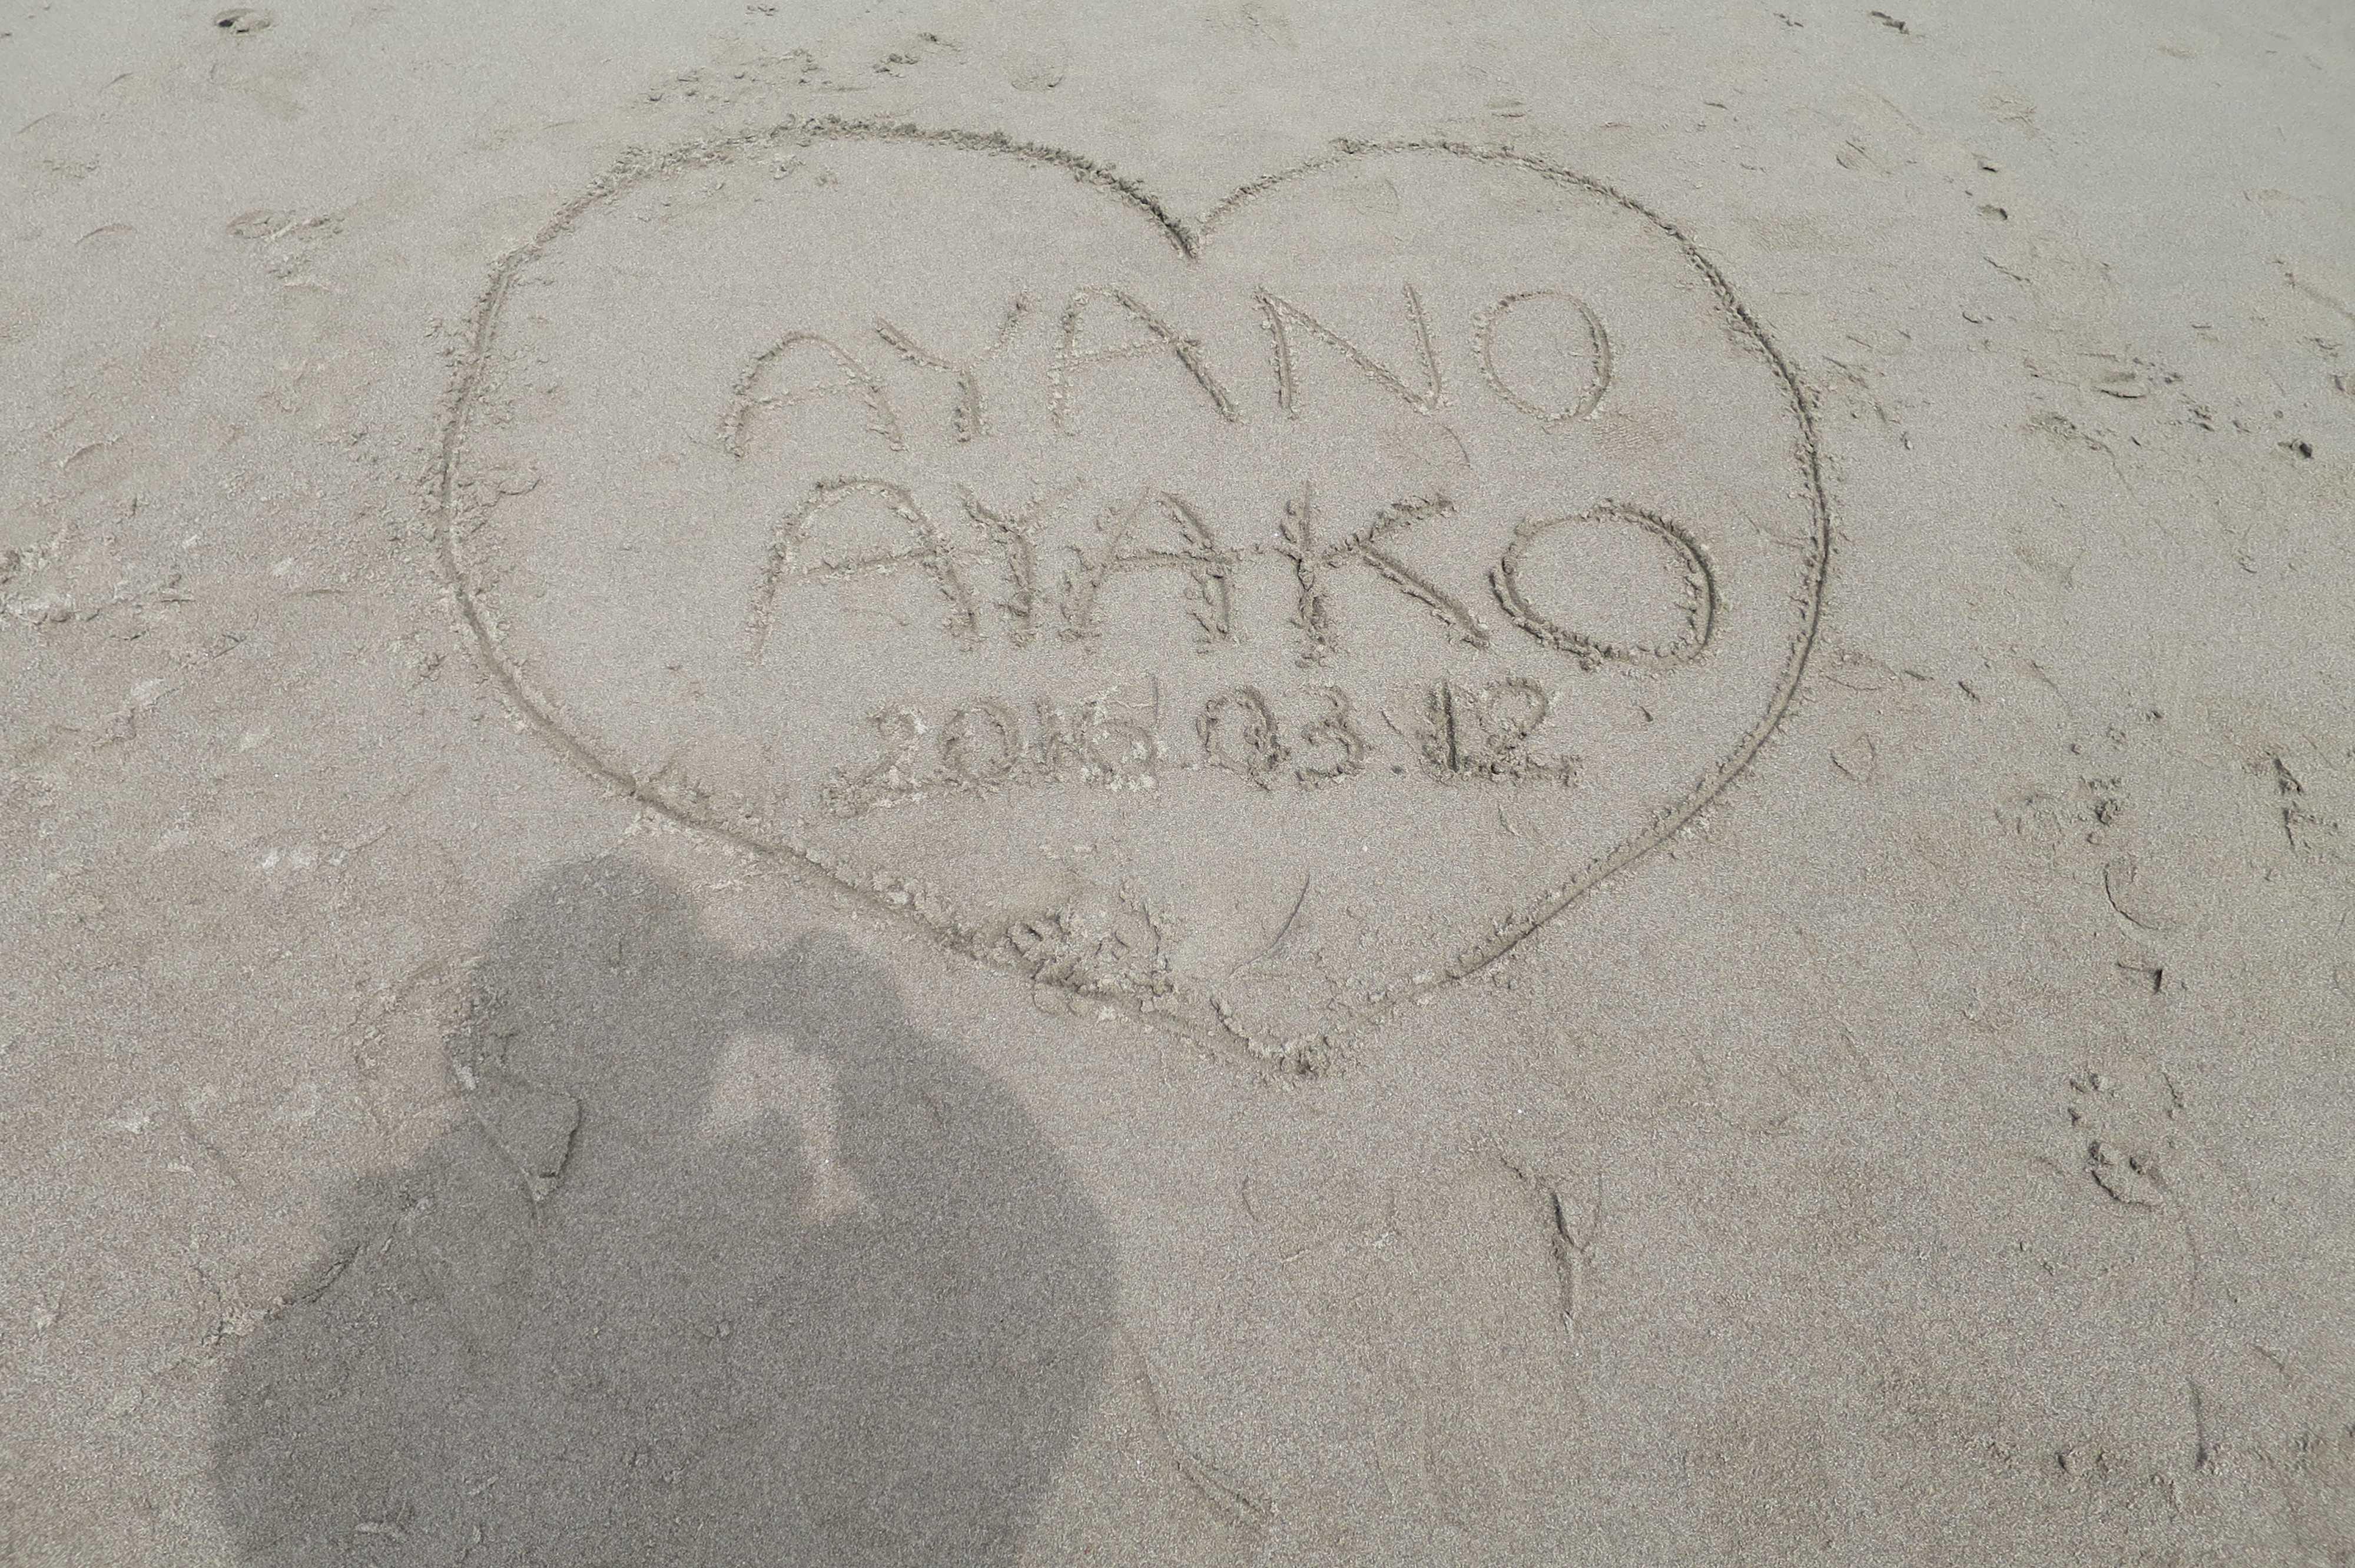 熱海サンビーチ - AYANO&AYAKO 2016.03.12